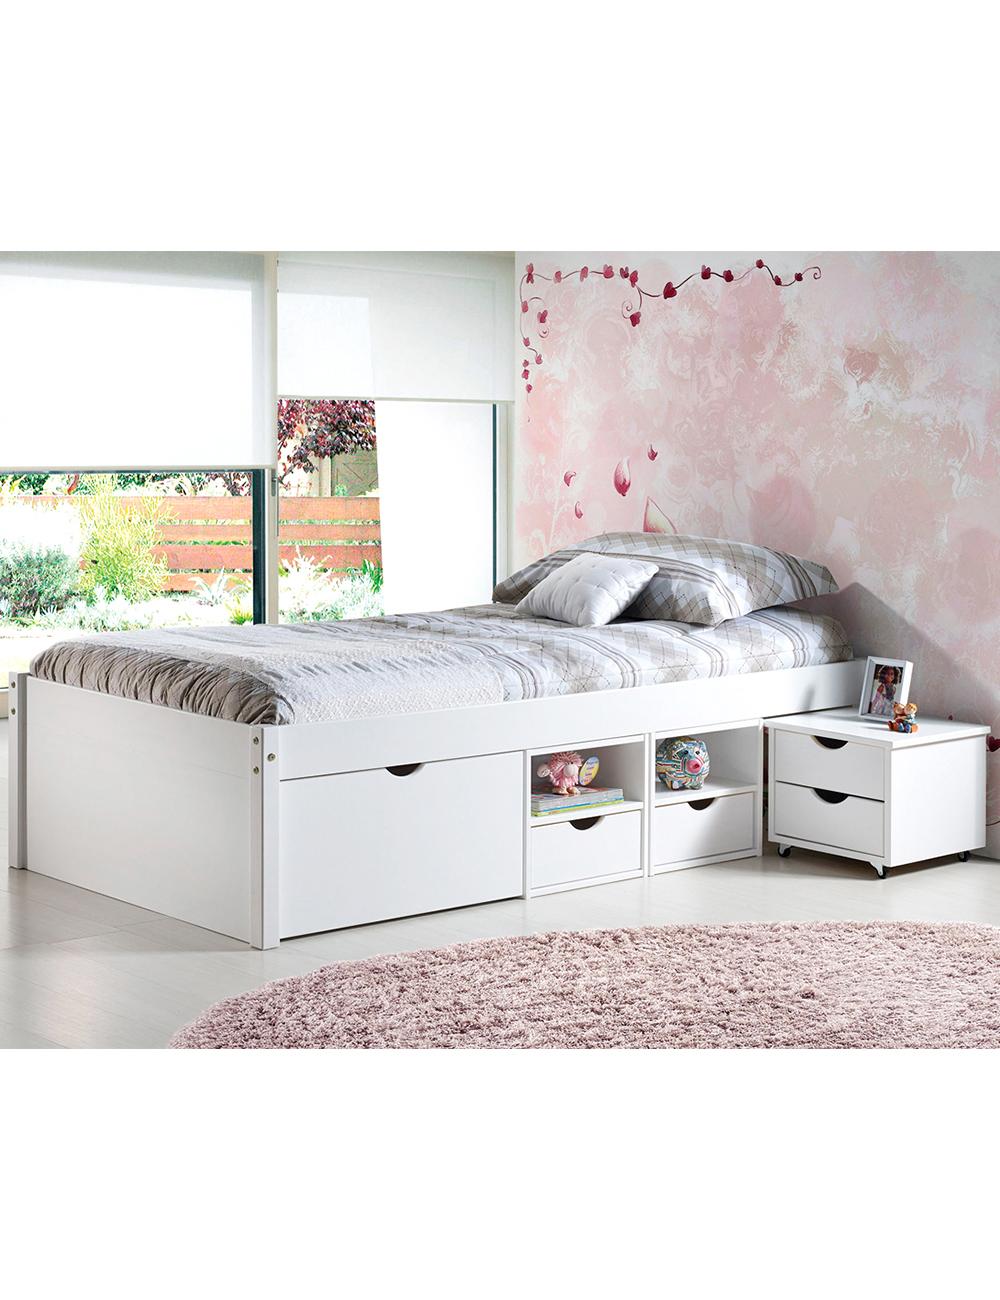 lit multi rangement avec table de nuit encastr e. Black Bedroom Furniture Sets. Home Design Ideas